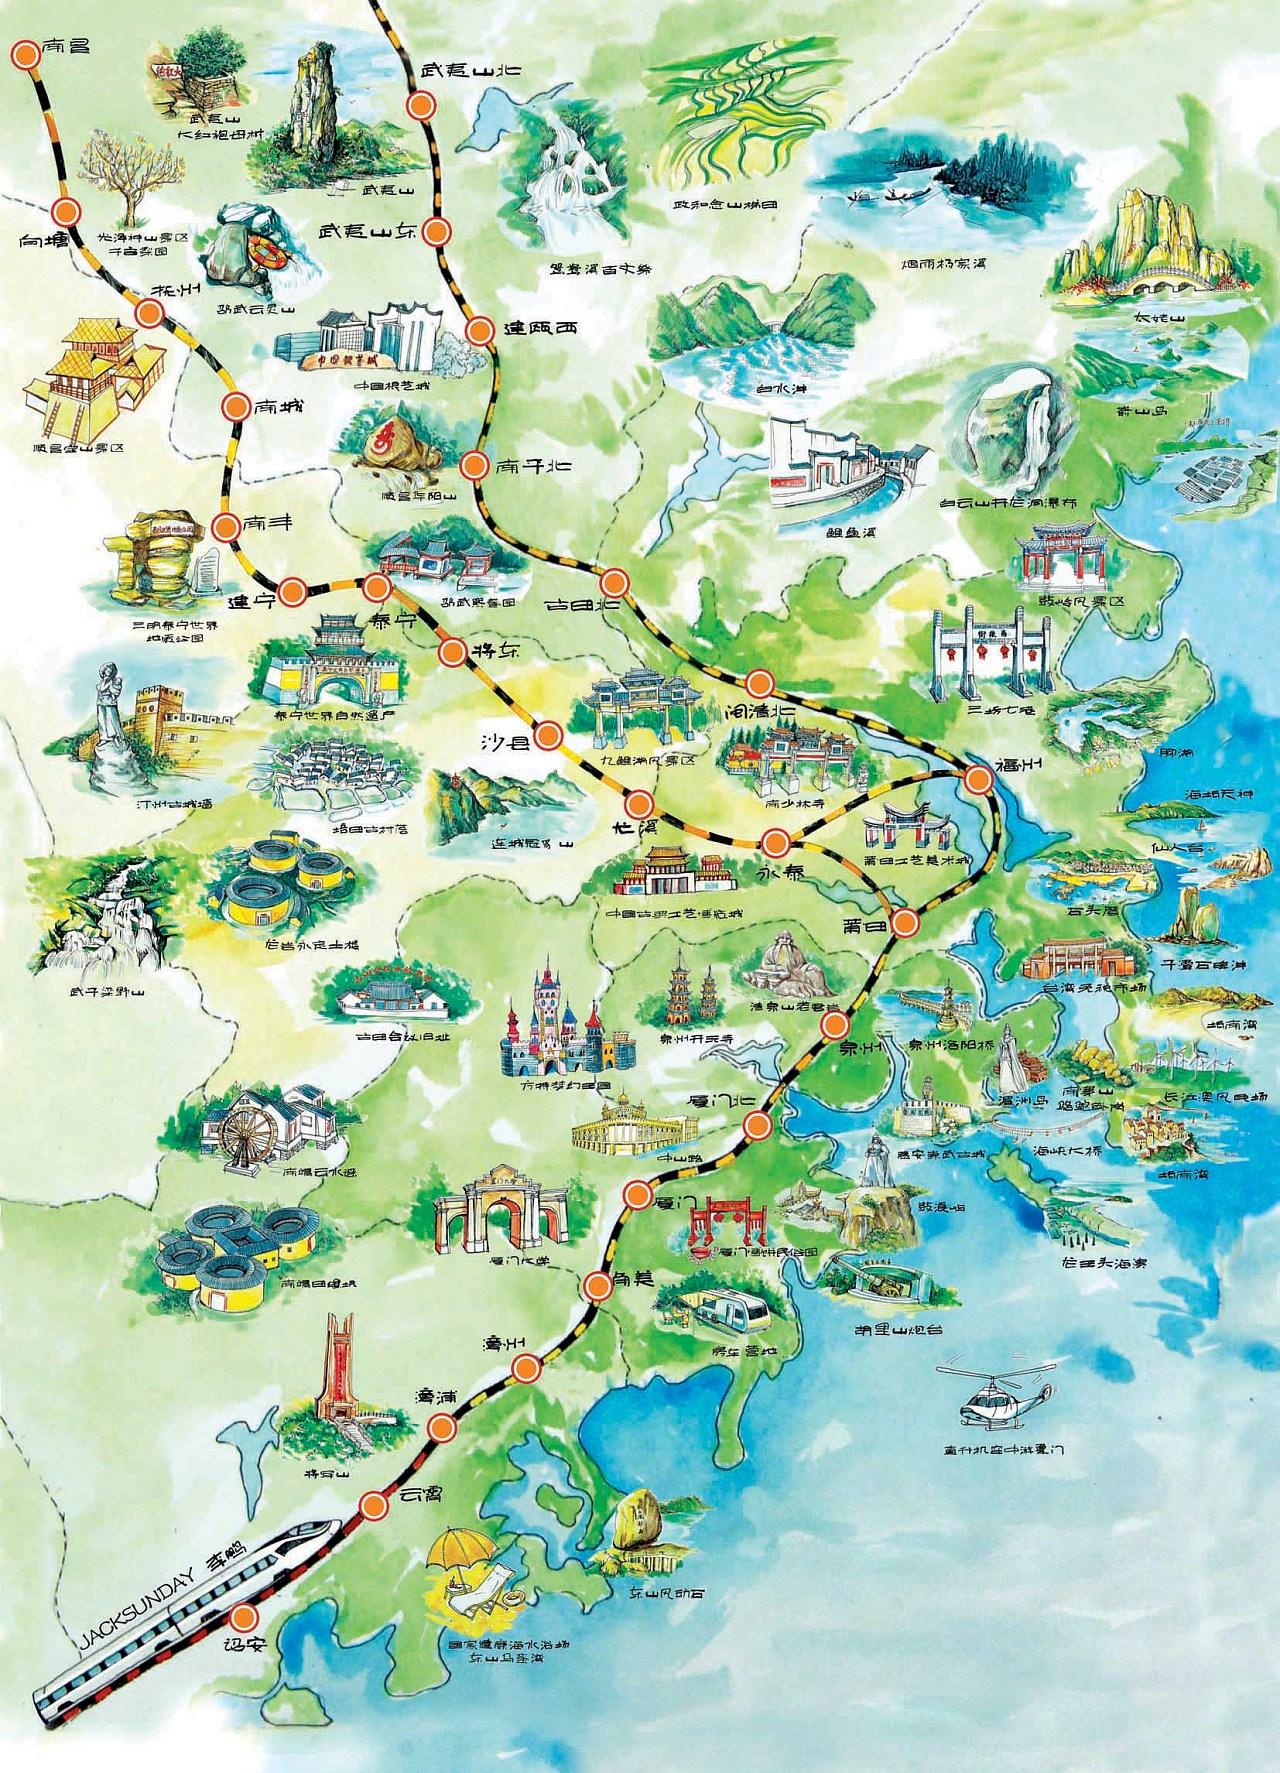 厦深线(厦门到深圳,包括福建省内的厦门北、角美、漳州、漳浦、云霄、诏安6个站),几条高铁线基本涵盖了所有福建省内的旅游景点!